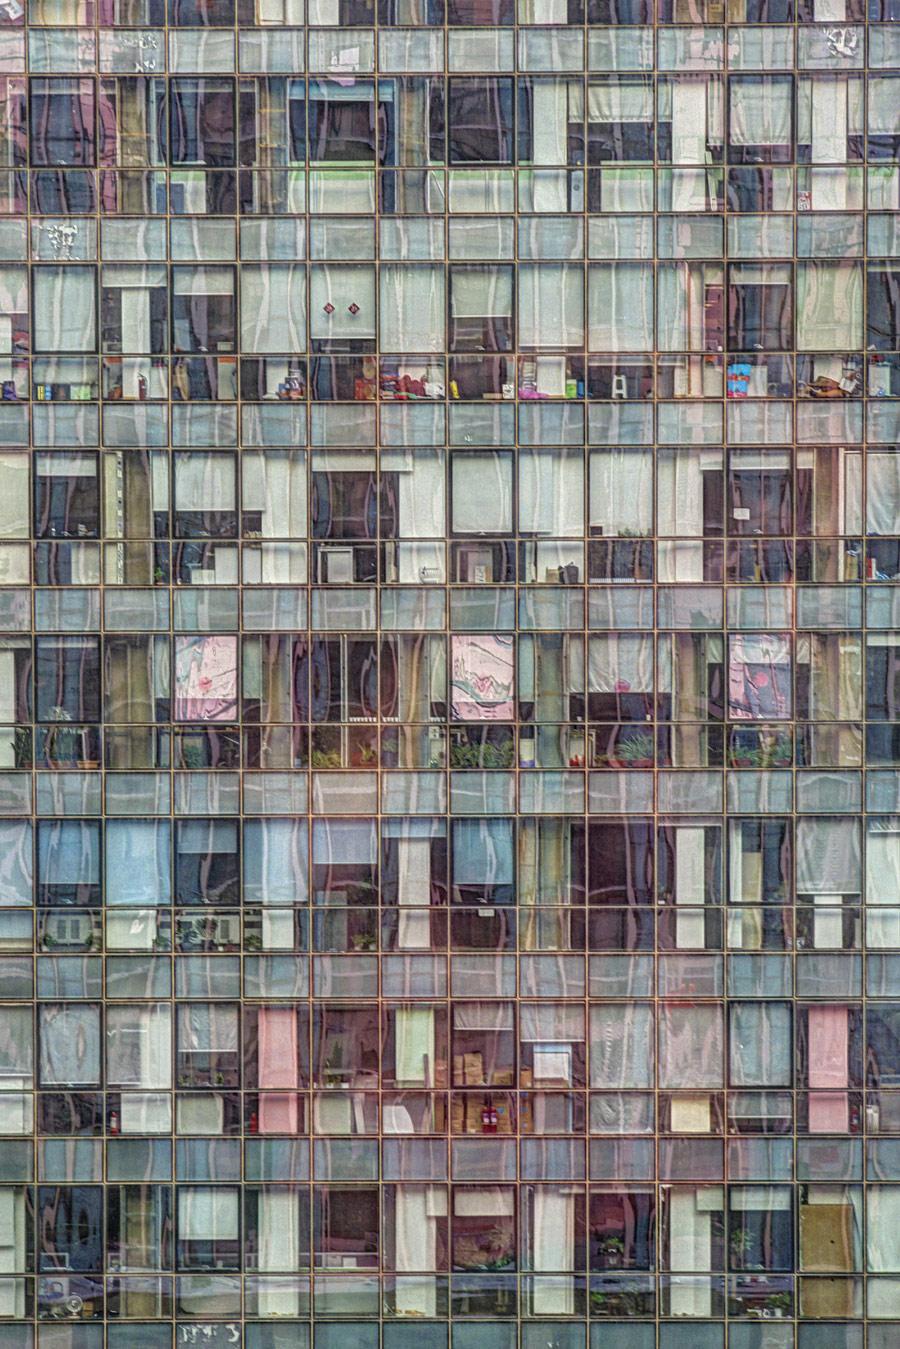 © Том Шталь (Tom Stahl), Офисное здание в Пекине (Китай), Конкурс «Архитектурная фотография»